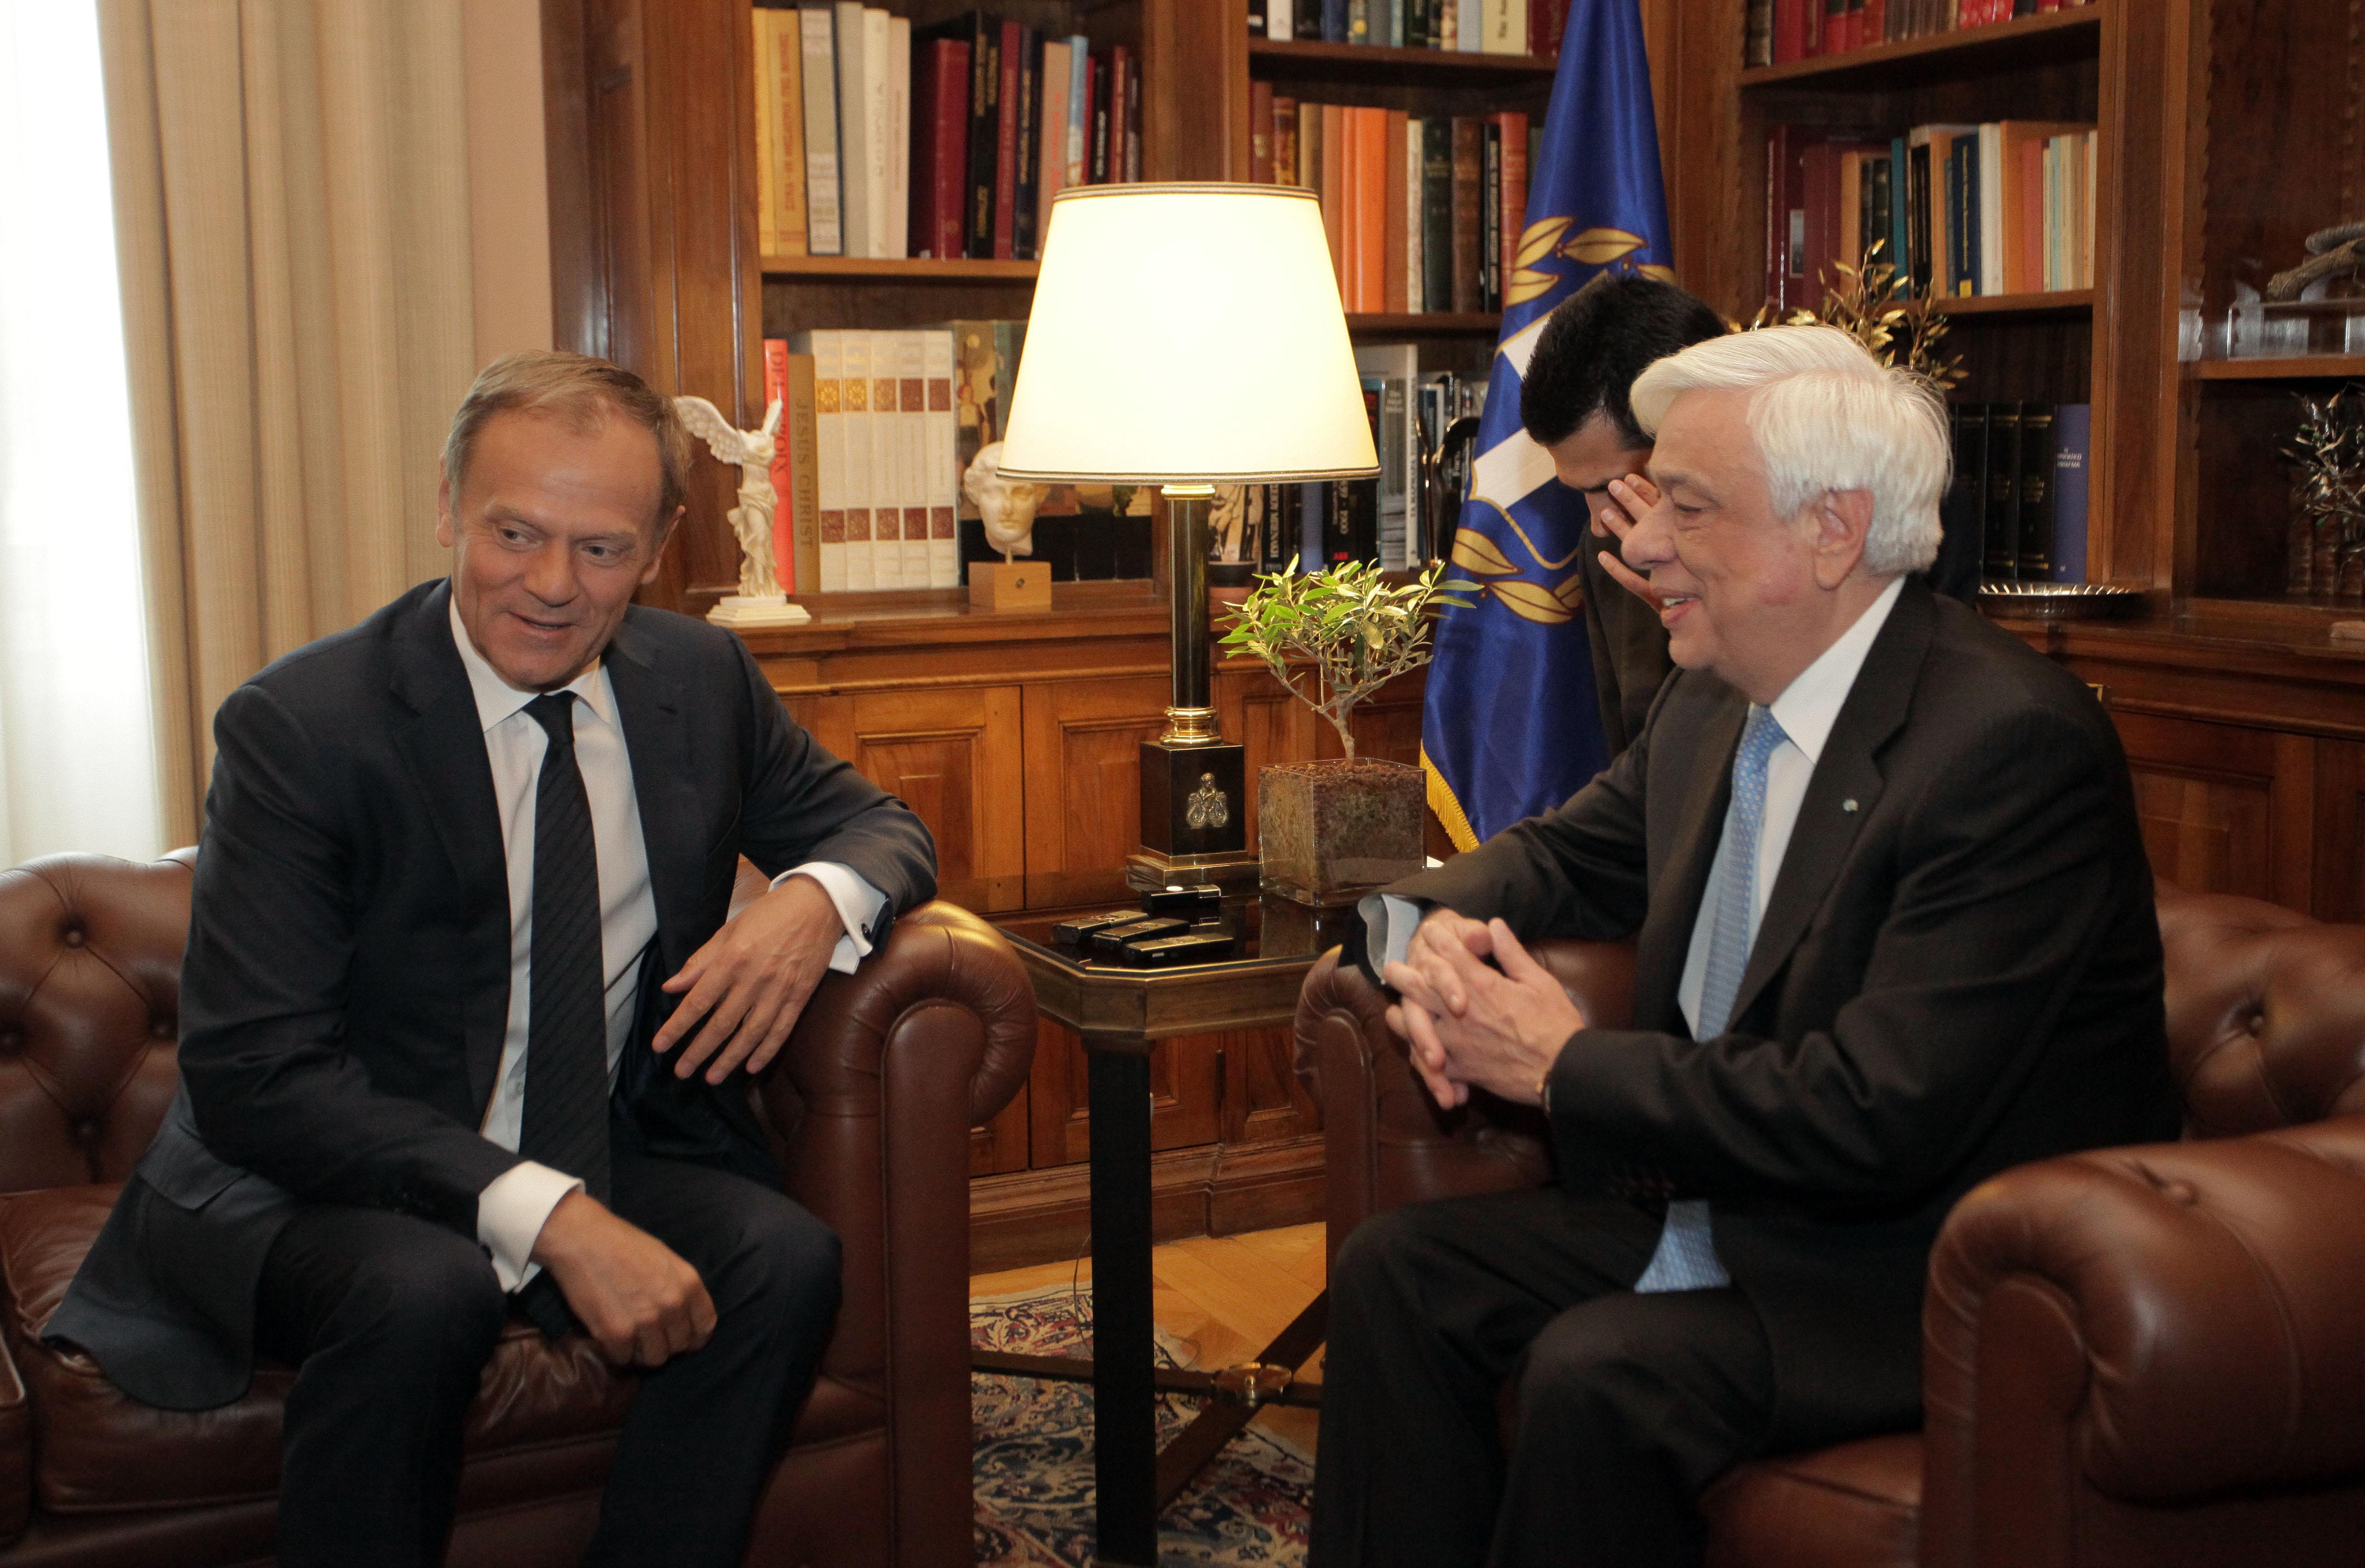 Παυλόπουλος: Η ΕΕ να θυμάται ότι δεν θα ήταν ίδια χωρίς την Ελλάδα στους κόλπους της